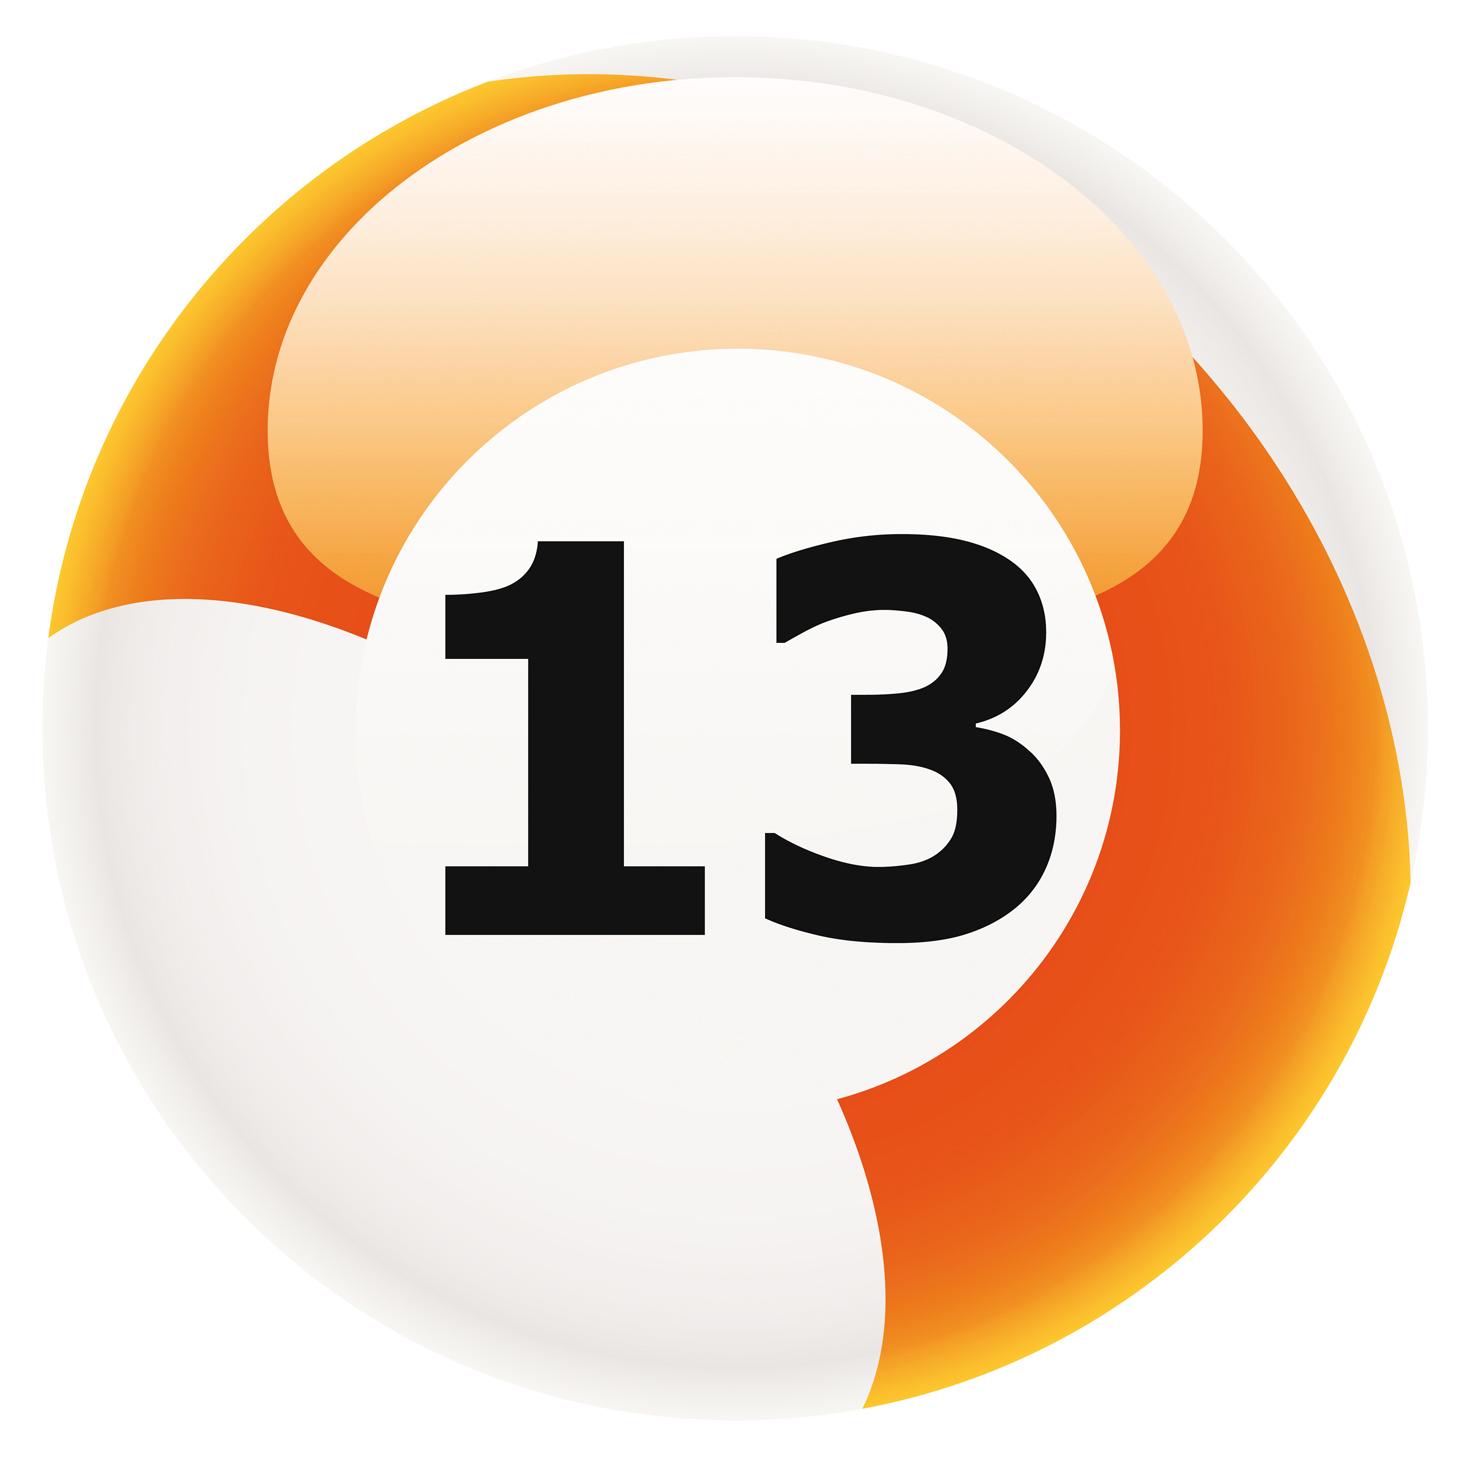 Passerelle : 13 Ecoles pour le Concours 2013